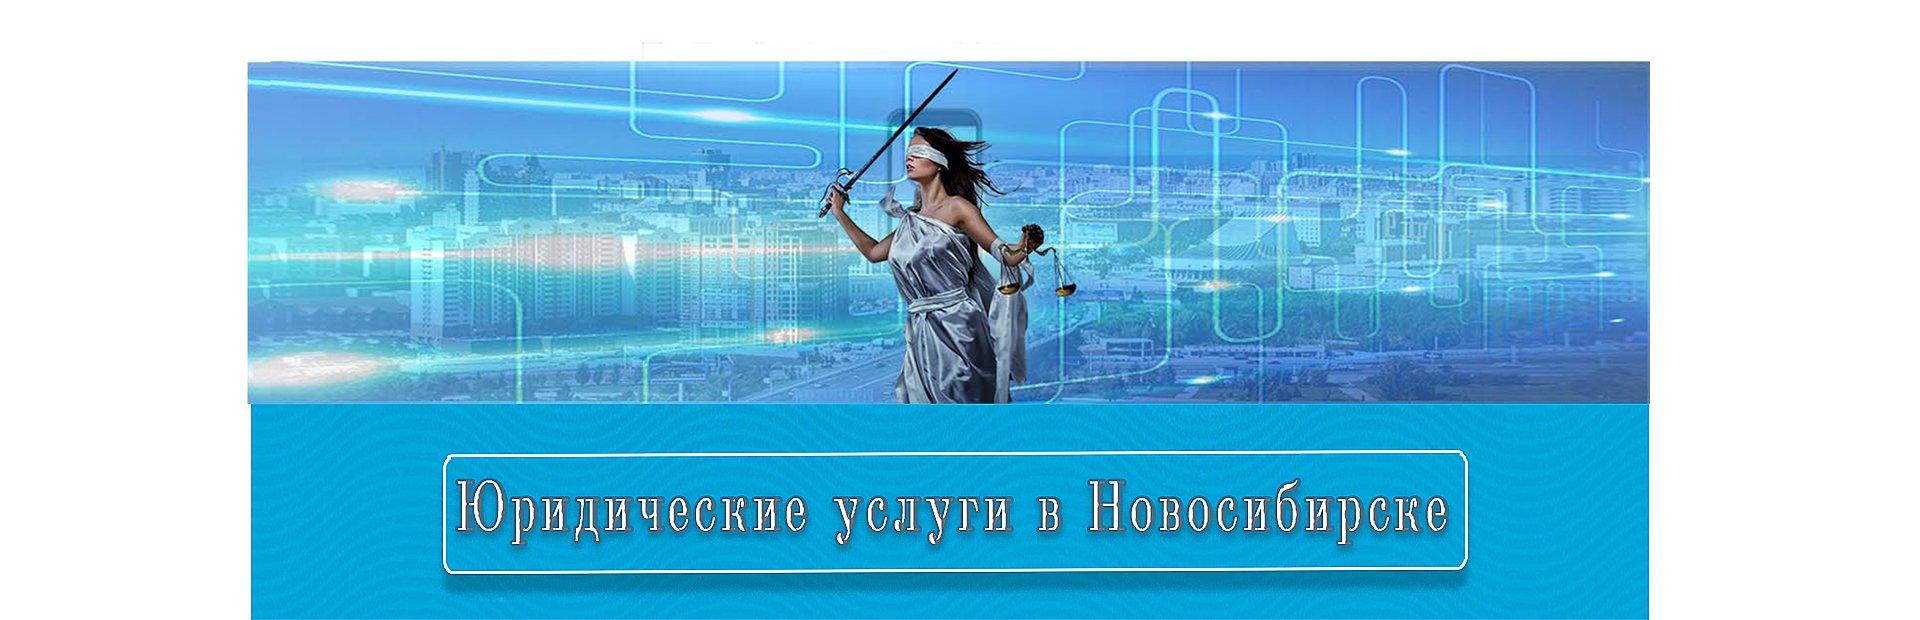 Адвокатская палата Новосибирской области.